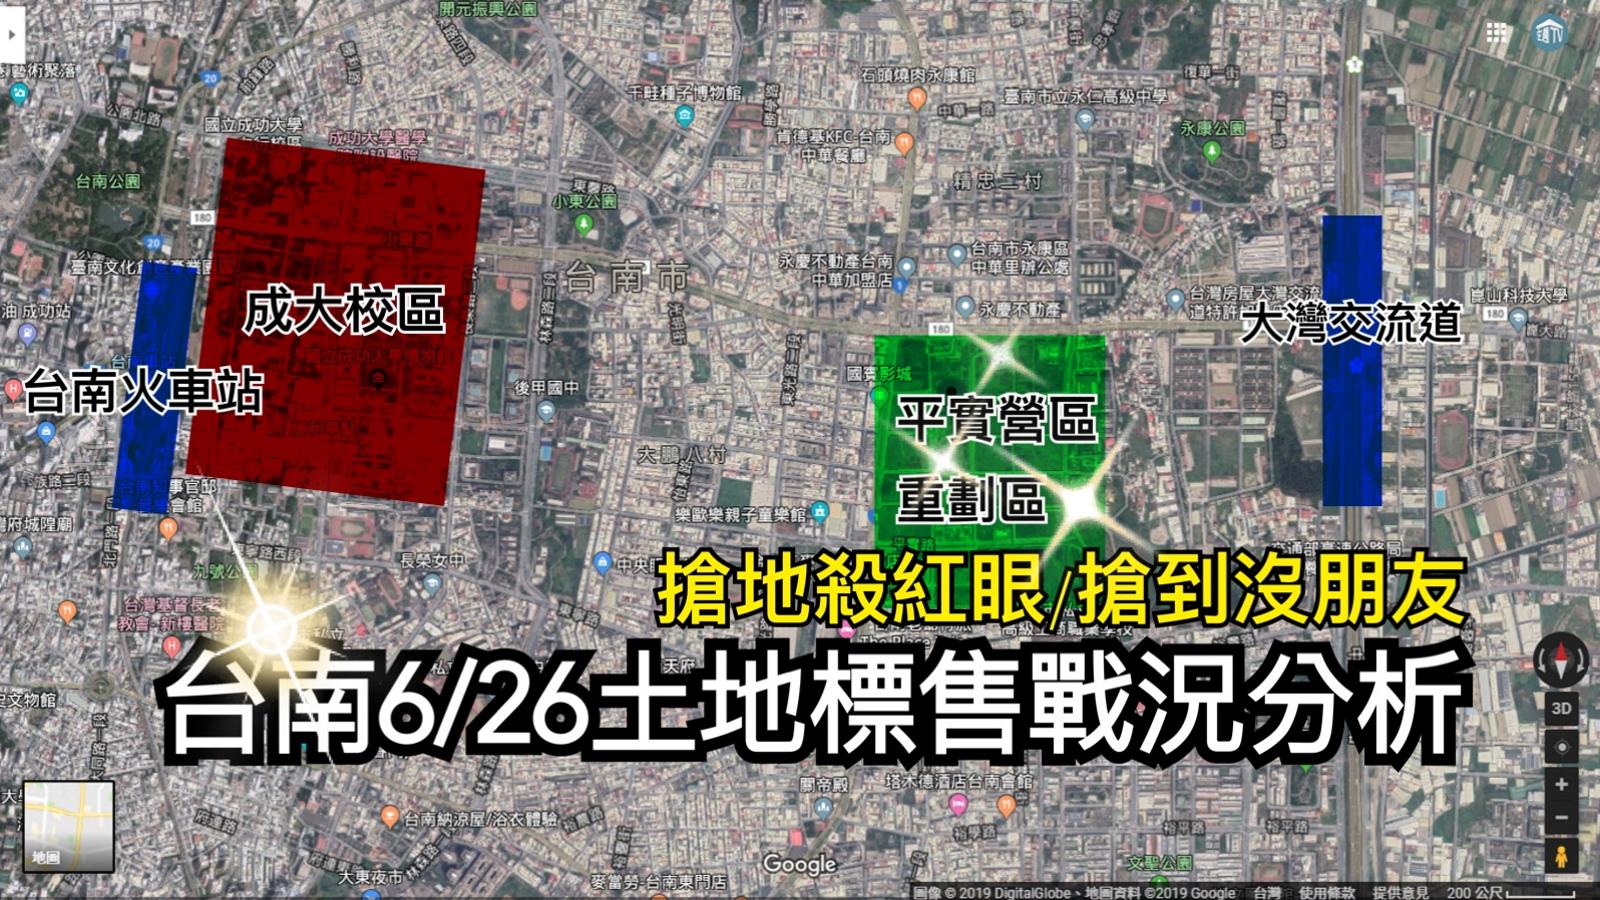 [專題報導] 建商發瘋殺紅眼!搶地搶到沒朋友?台南626土地標售戰況分析!.png